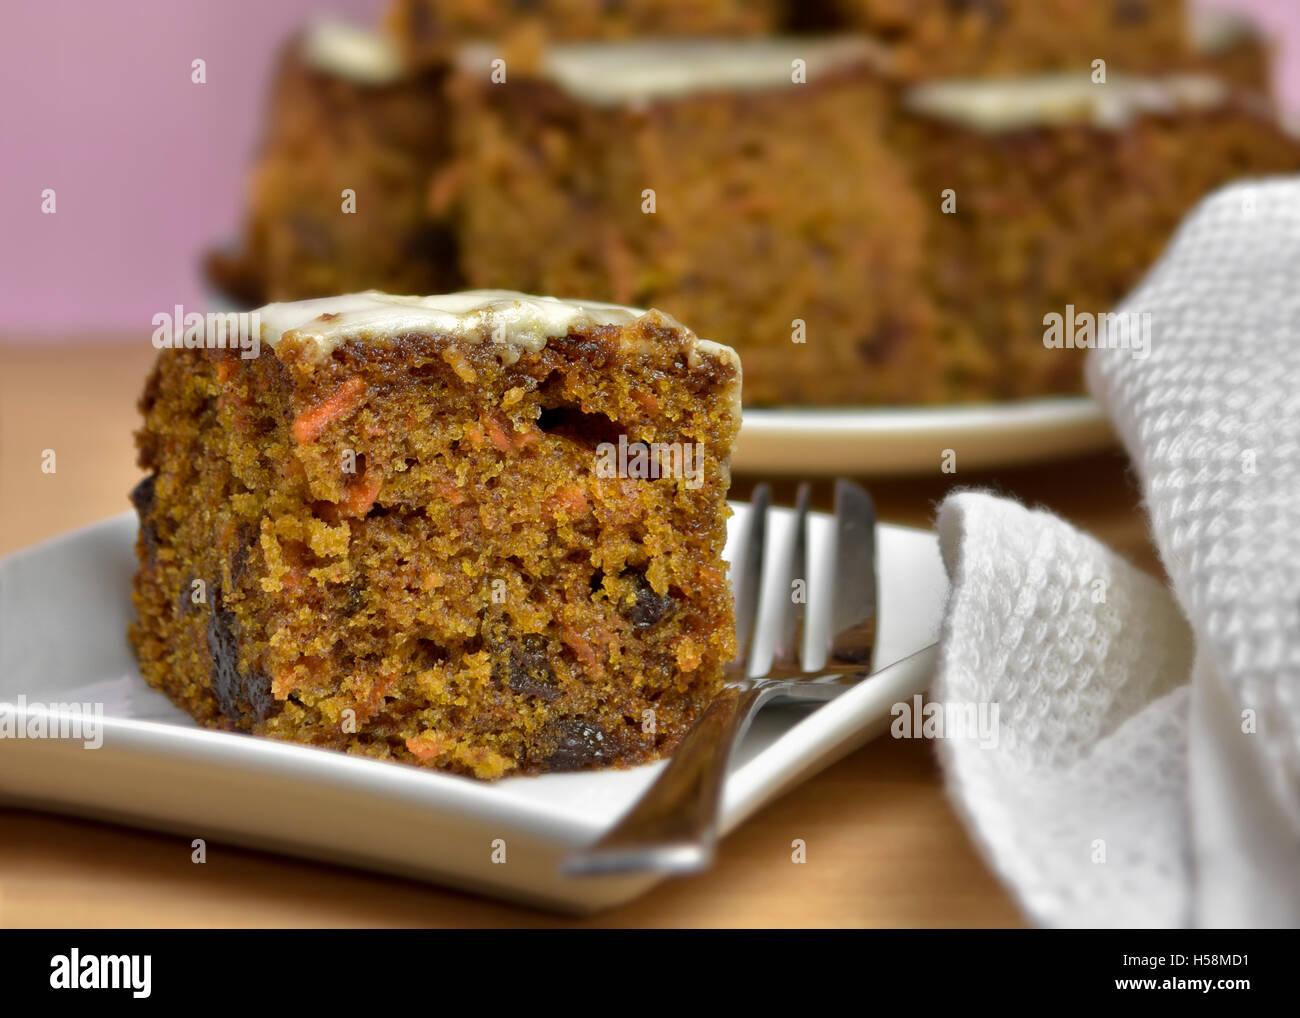 Hausgemachter Karottenkuchen aus Fokus Kuchen im Hintergrund mit Nahaufnahme Stockfoto